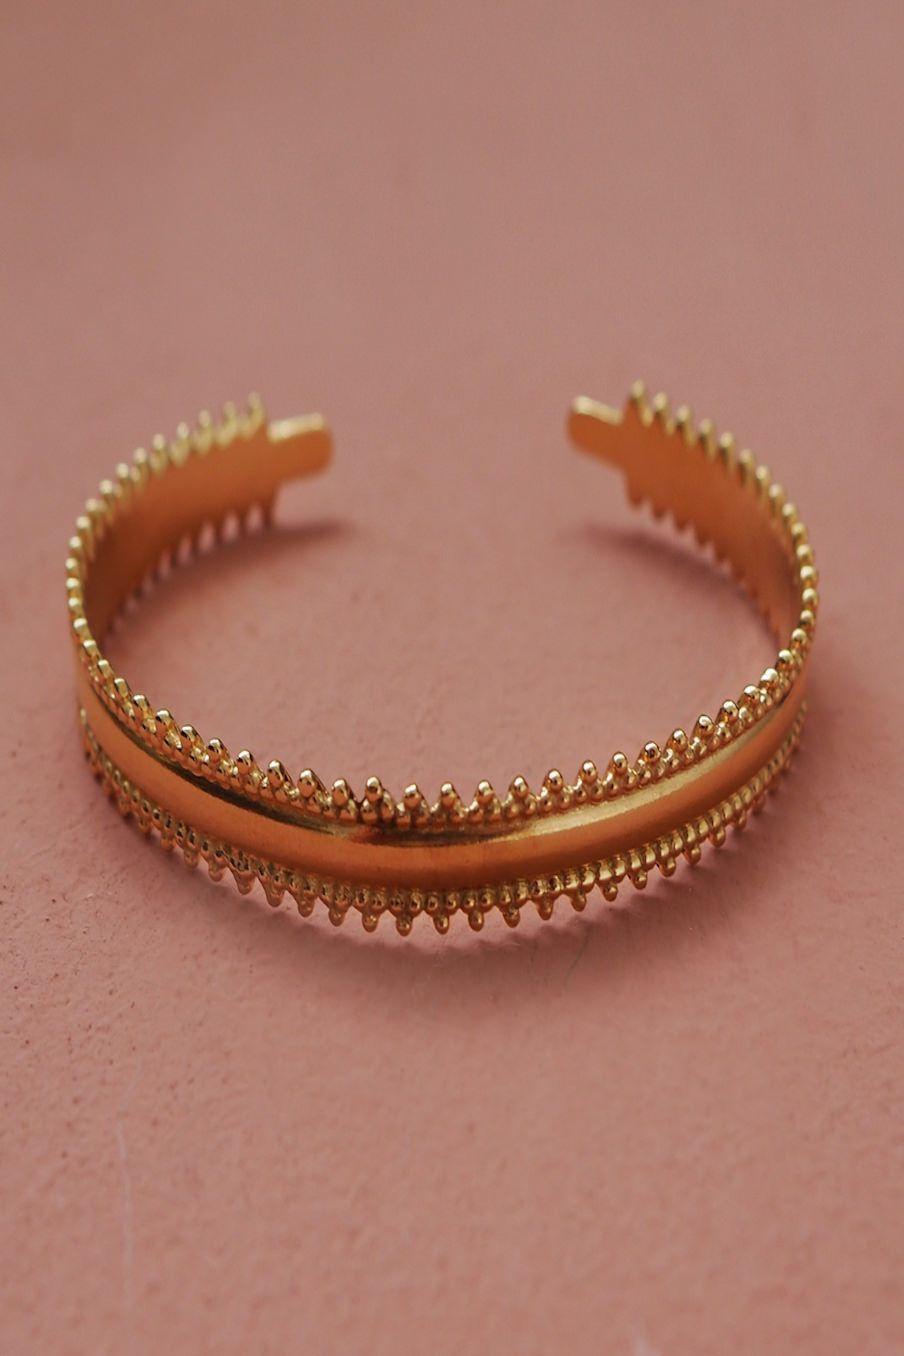 bohemian chic vintage bracelet woman clochka gold